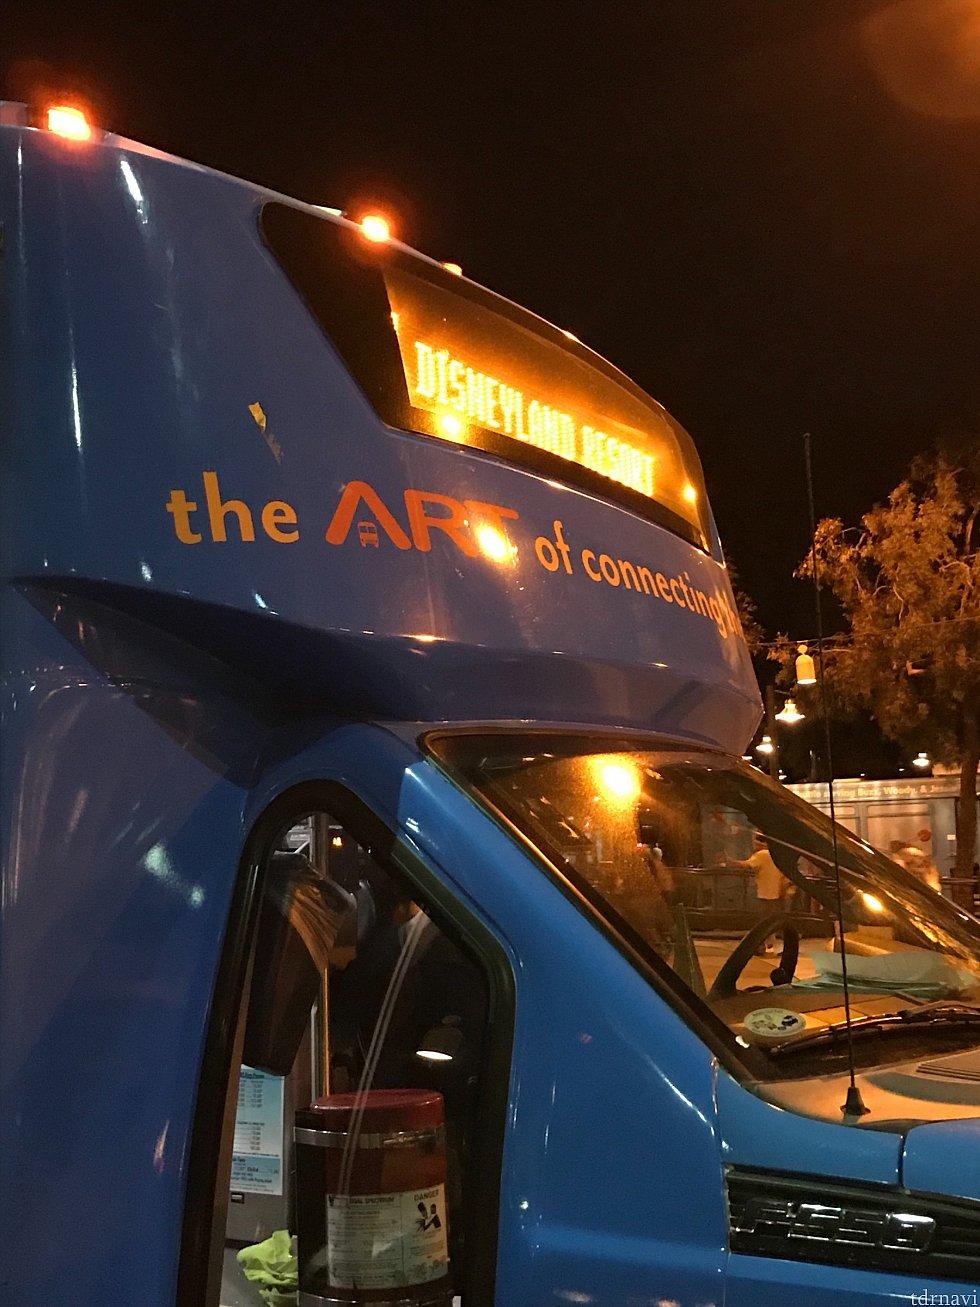 ARTのバス。青いバスです。